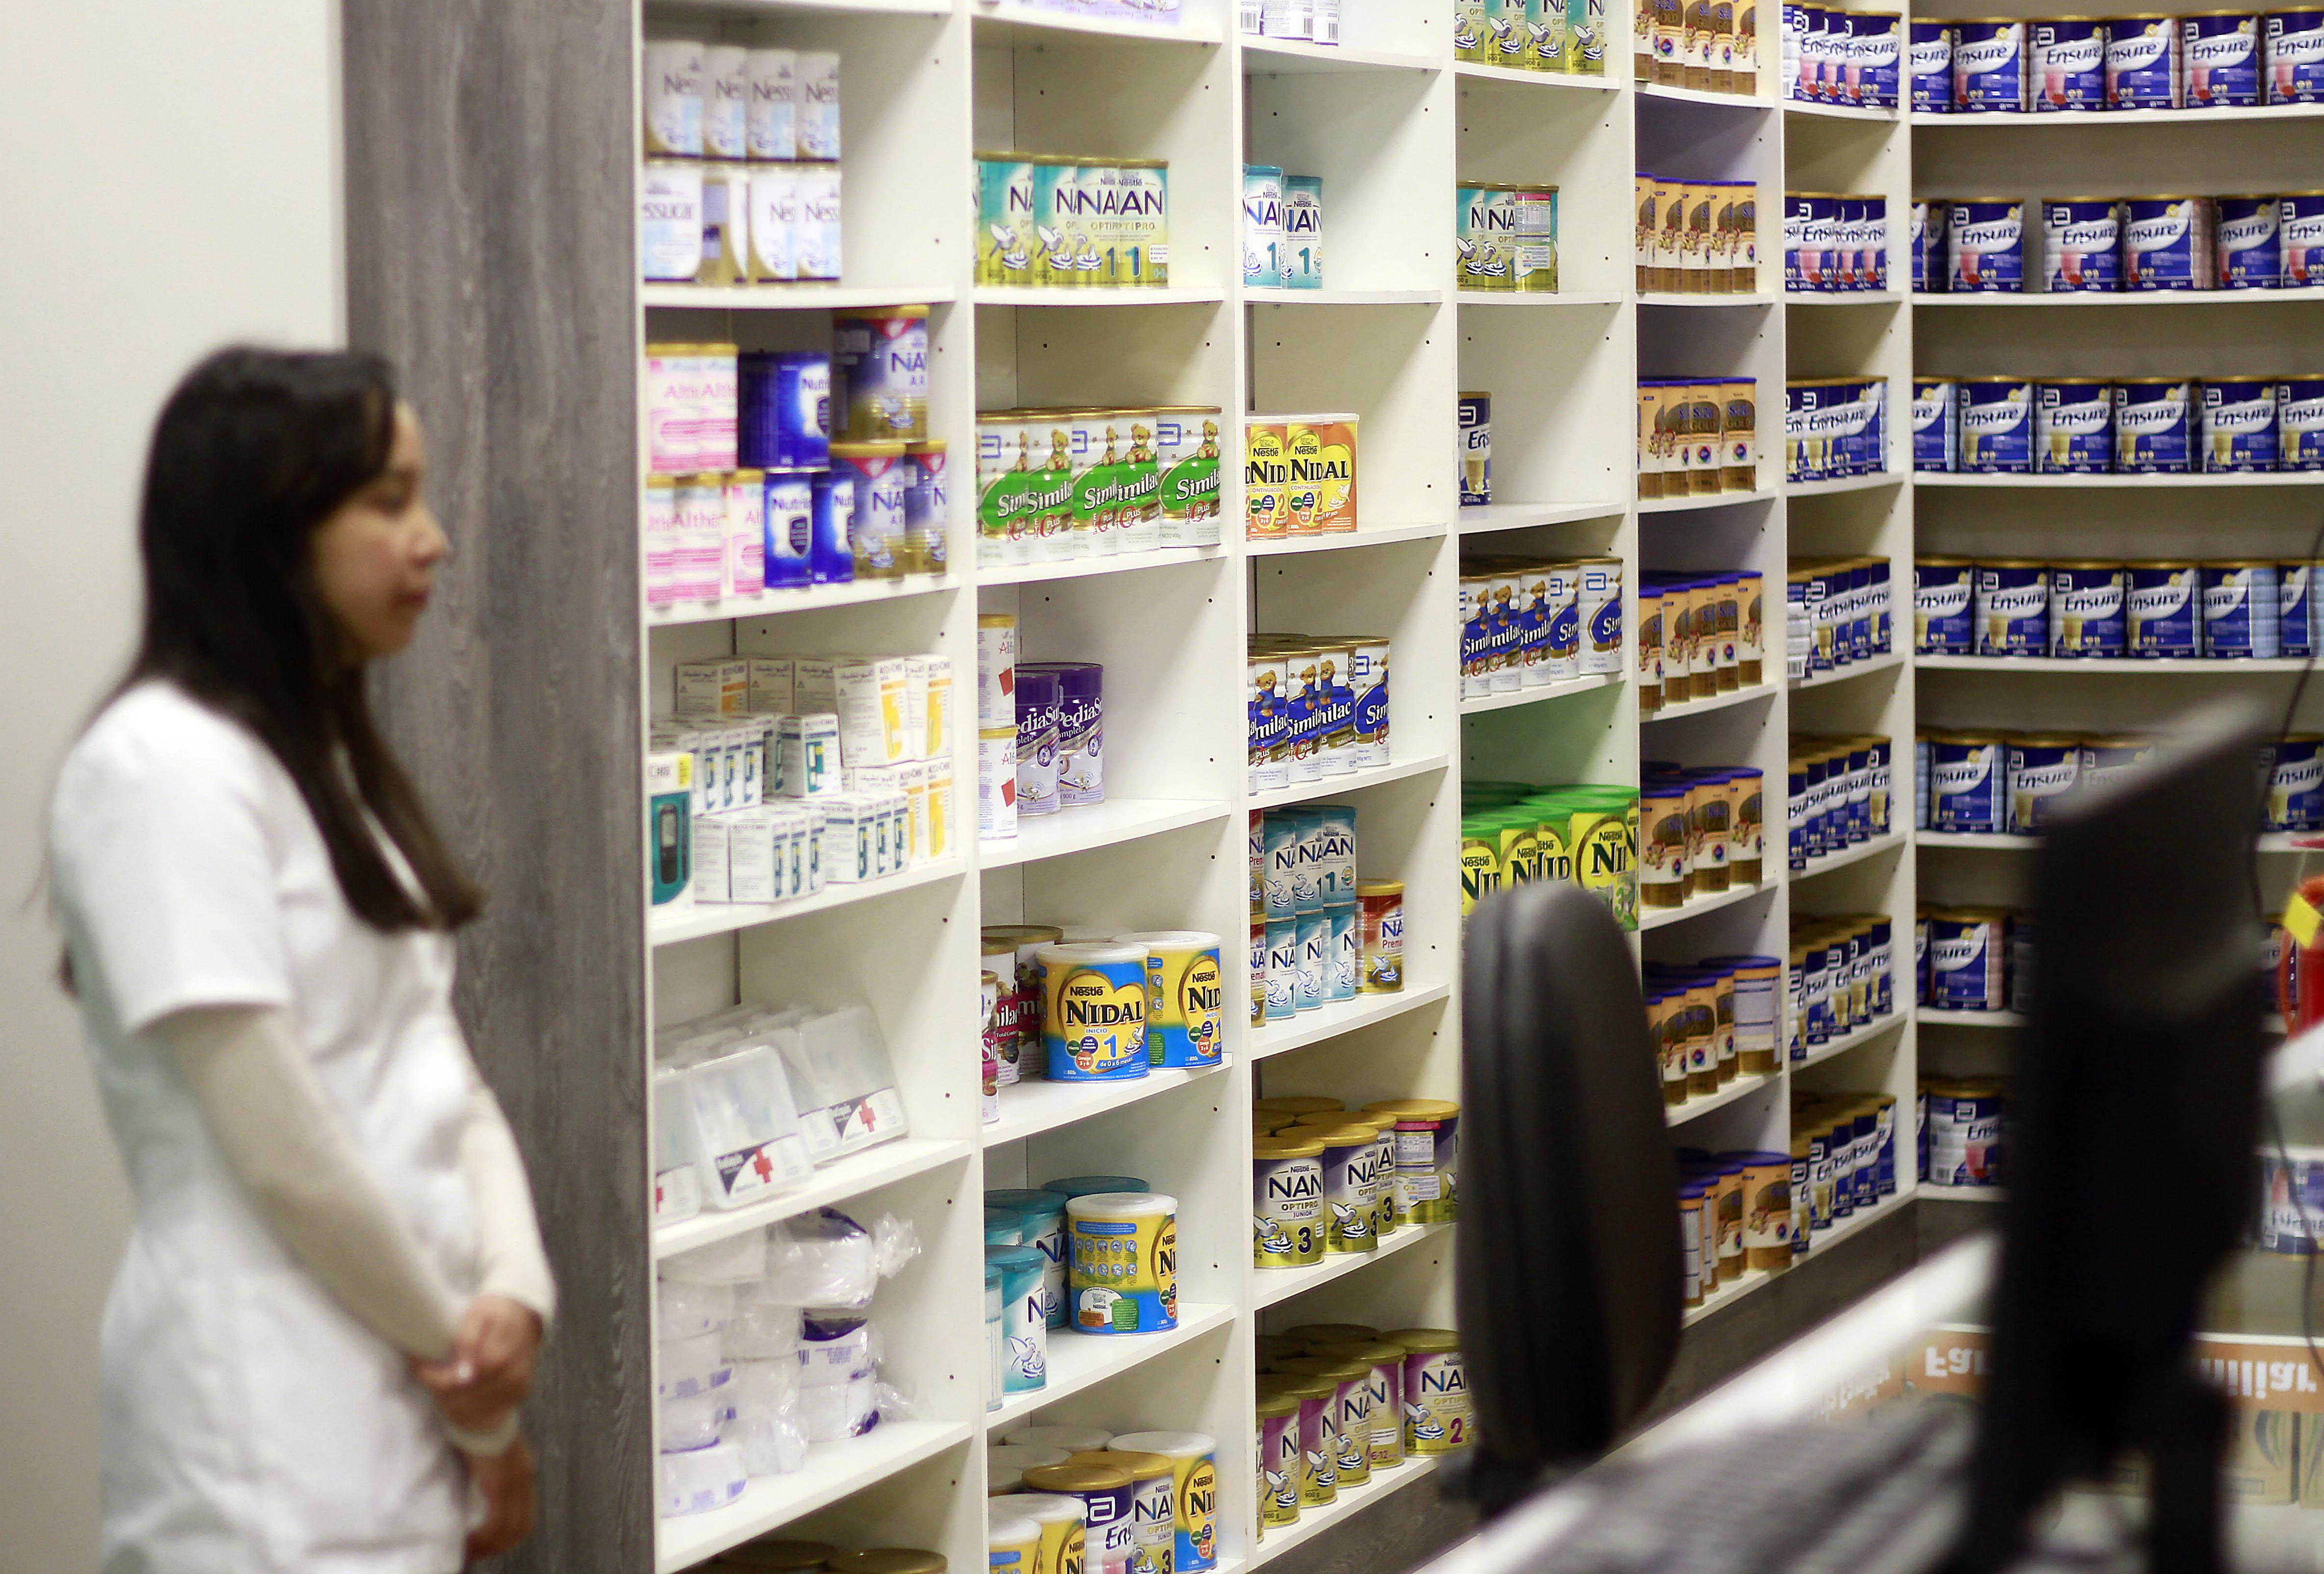 Gremio de farmacias independientes apuntan a laboratorios por elevados precios de medicamentos